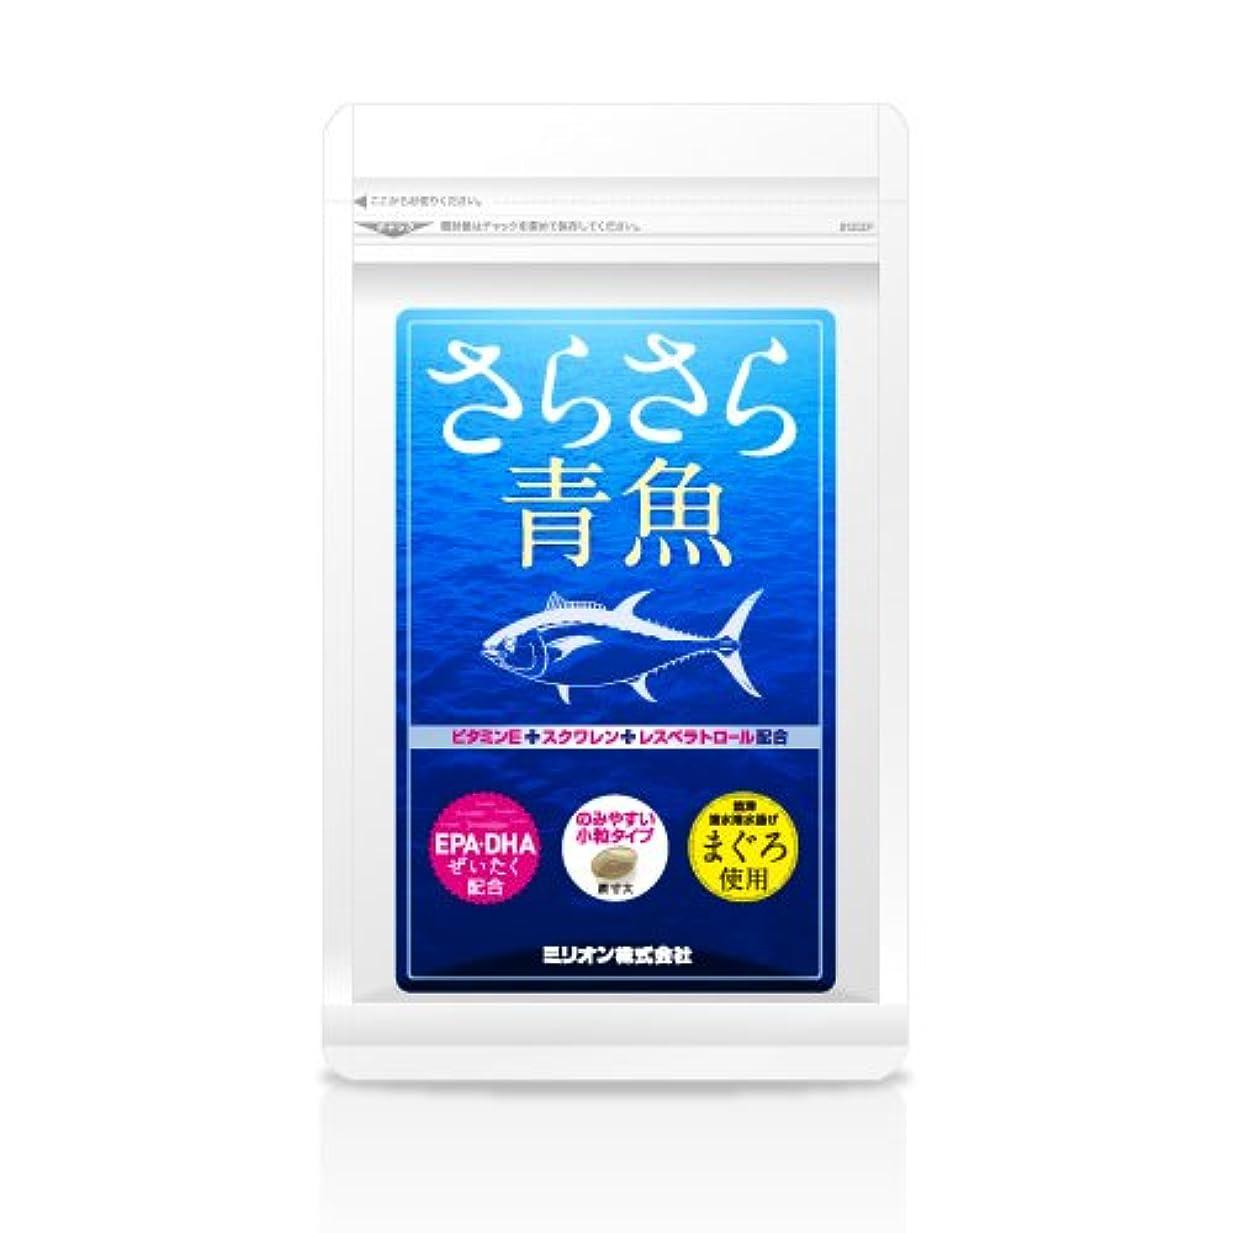 ノベルティパワー郵便屋さんさらさら青魚(90粒入り)×6袋セット[高濃度EPA?DHAサプリメント]